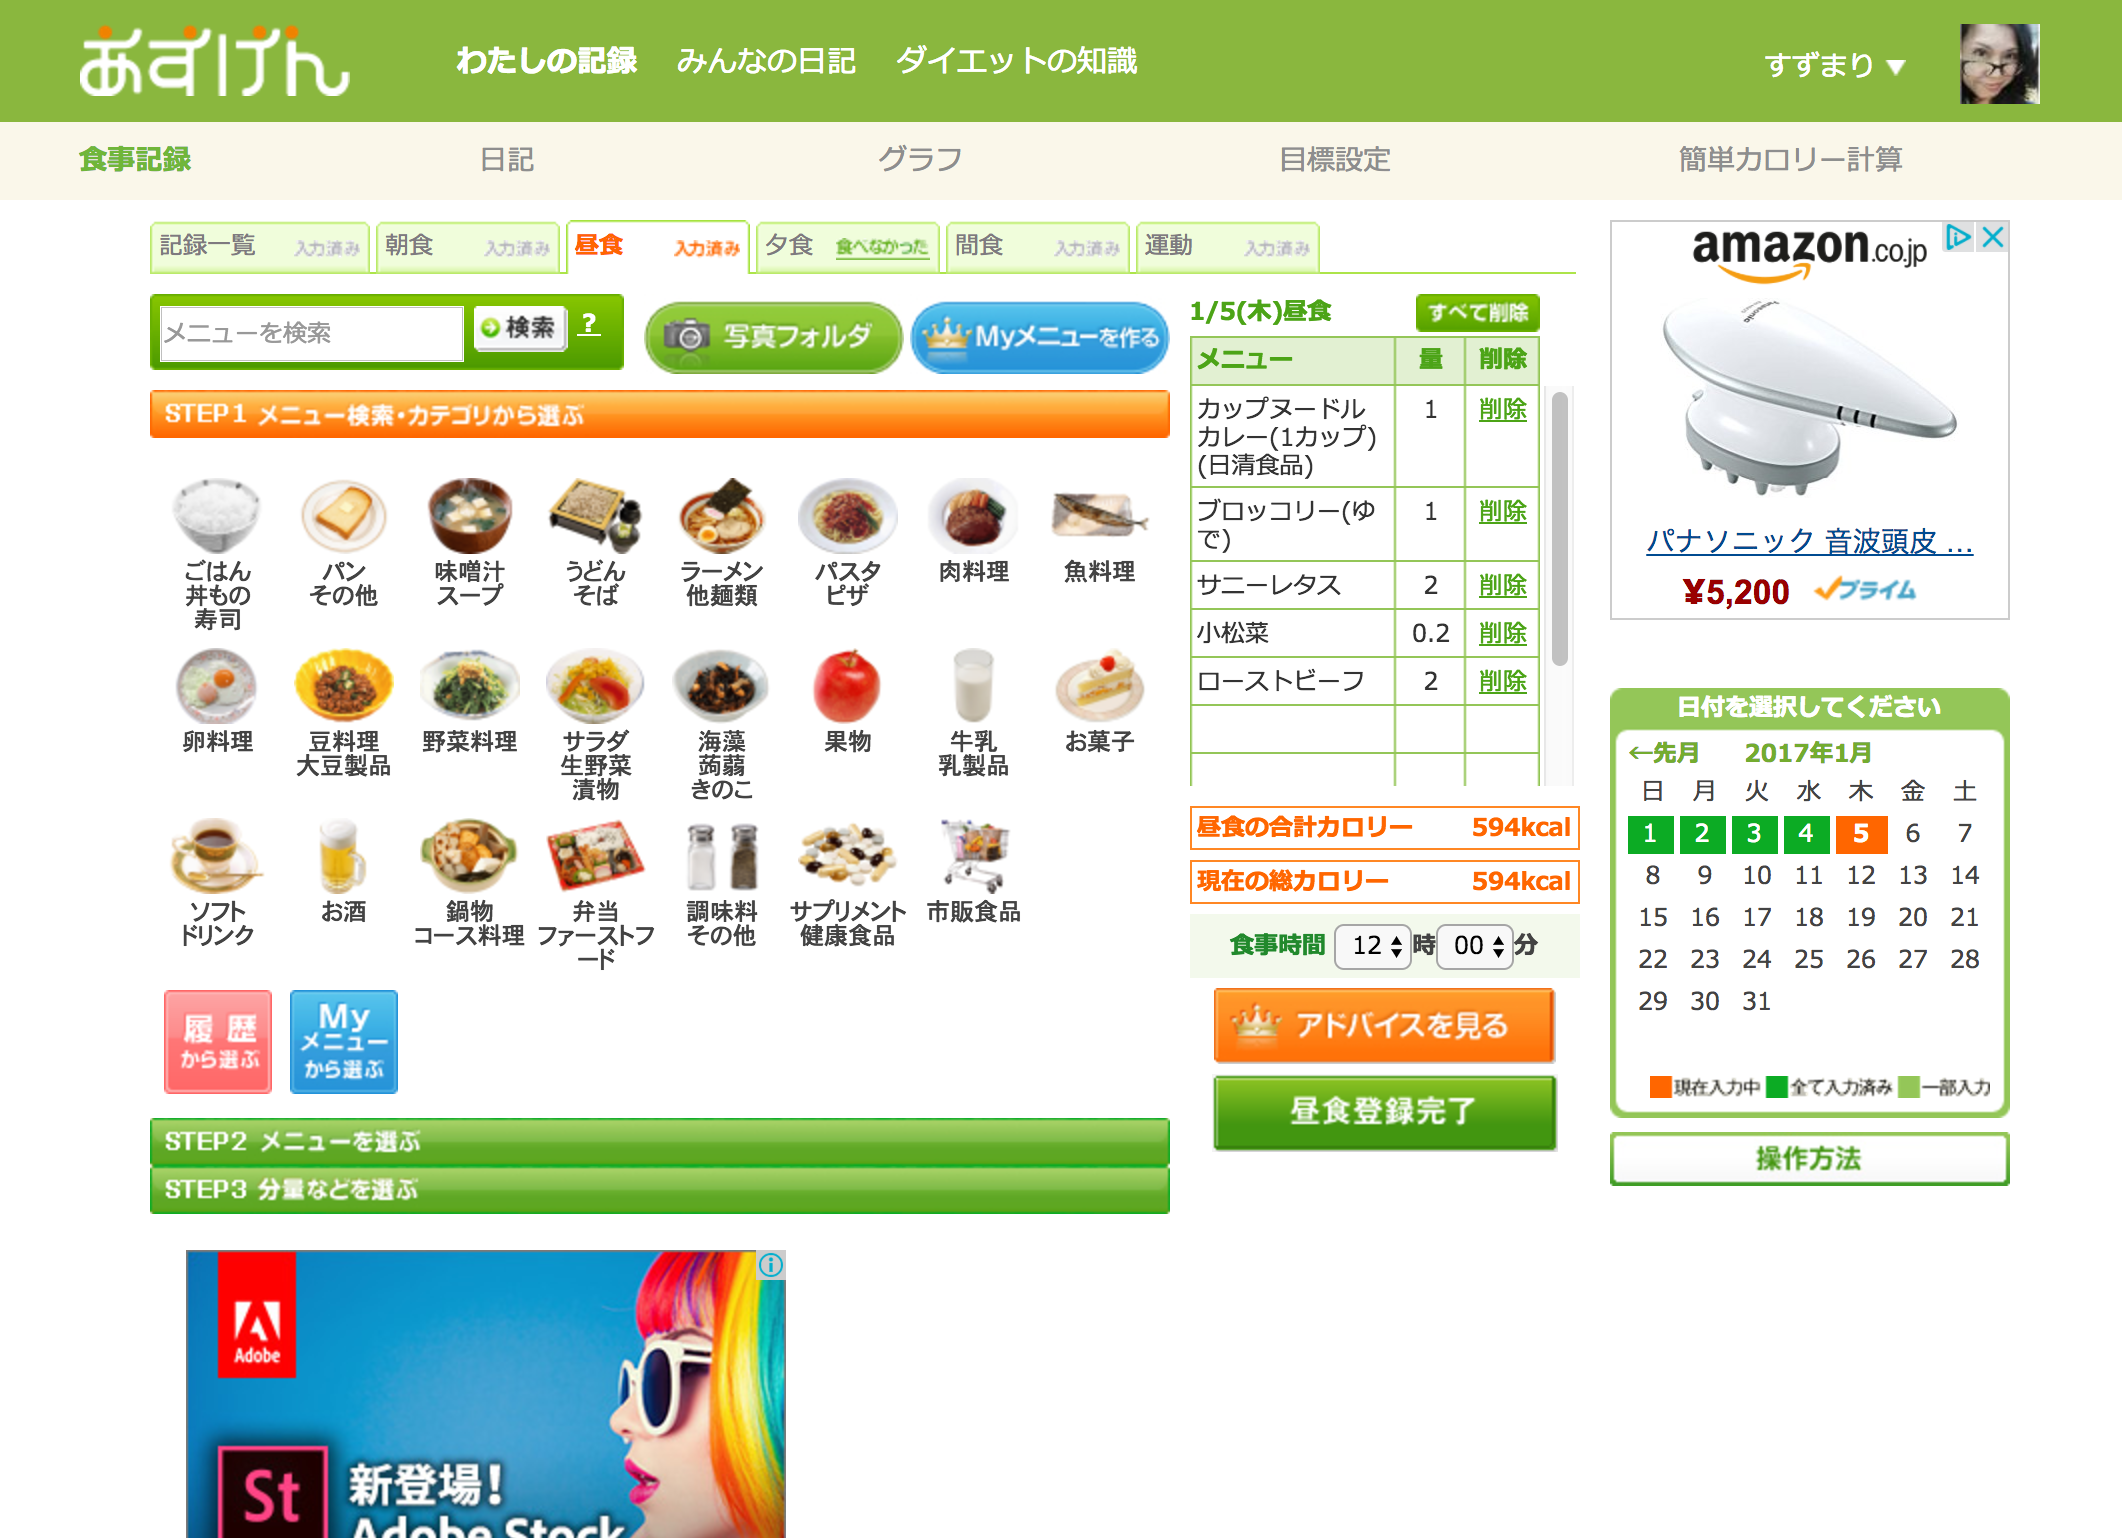 パソコンでの食事登録画面。検索するとさらにメニューがでてきます